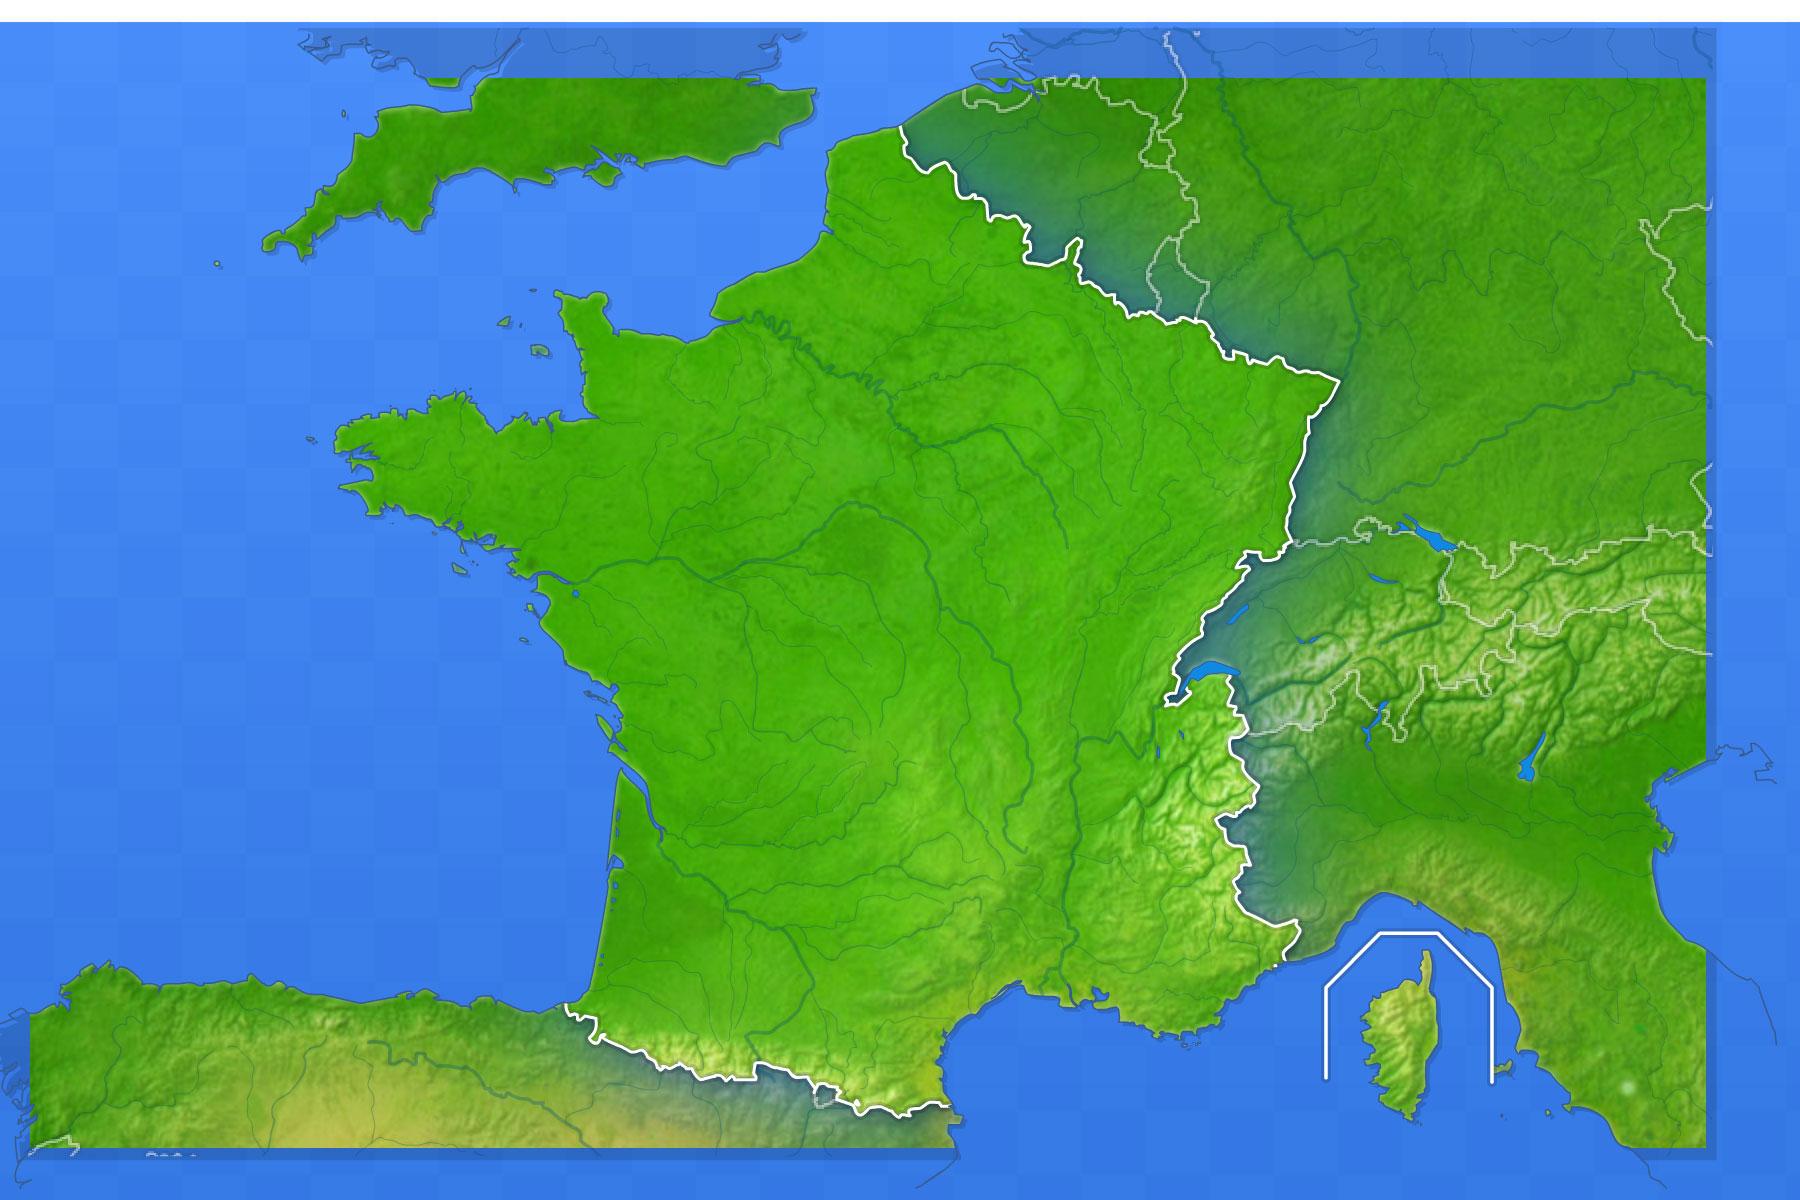 Jeux-Geographiques Jeux Gratuits Jeu Villes De France à Exercice Carte De France